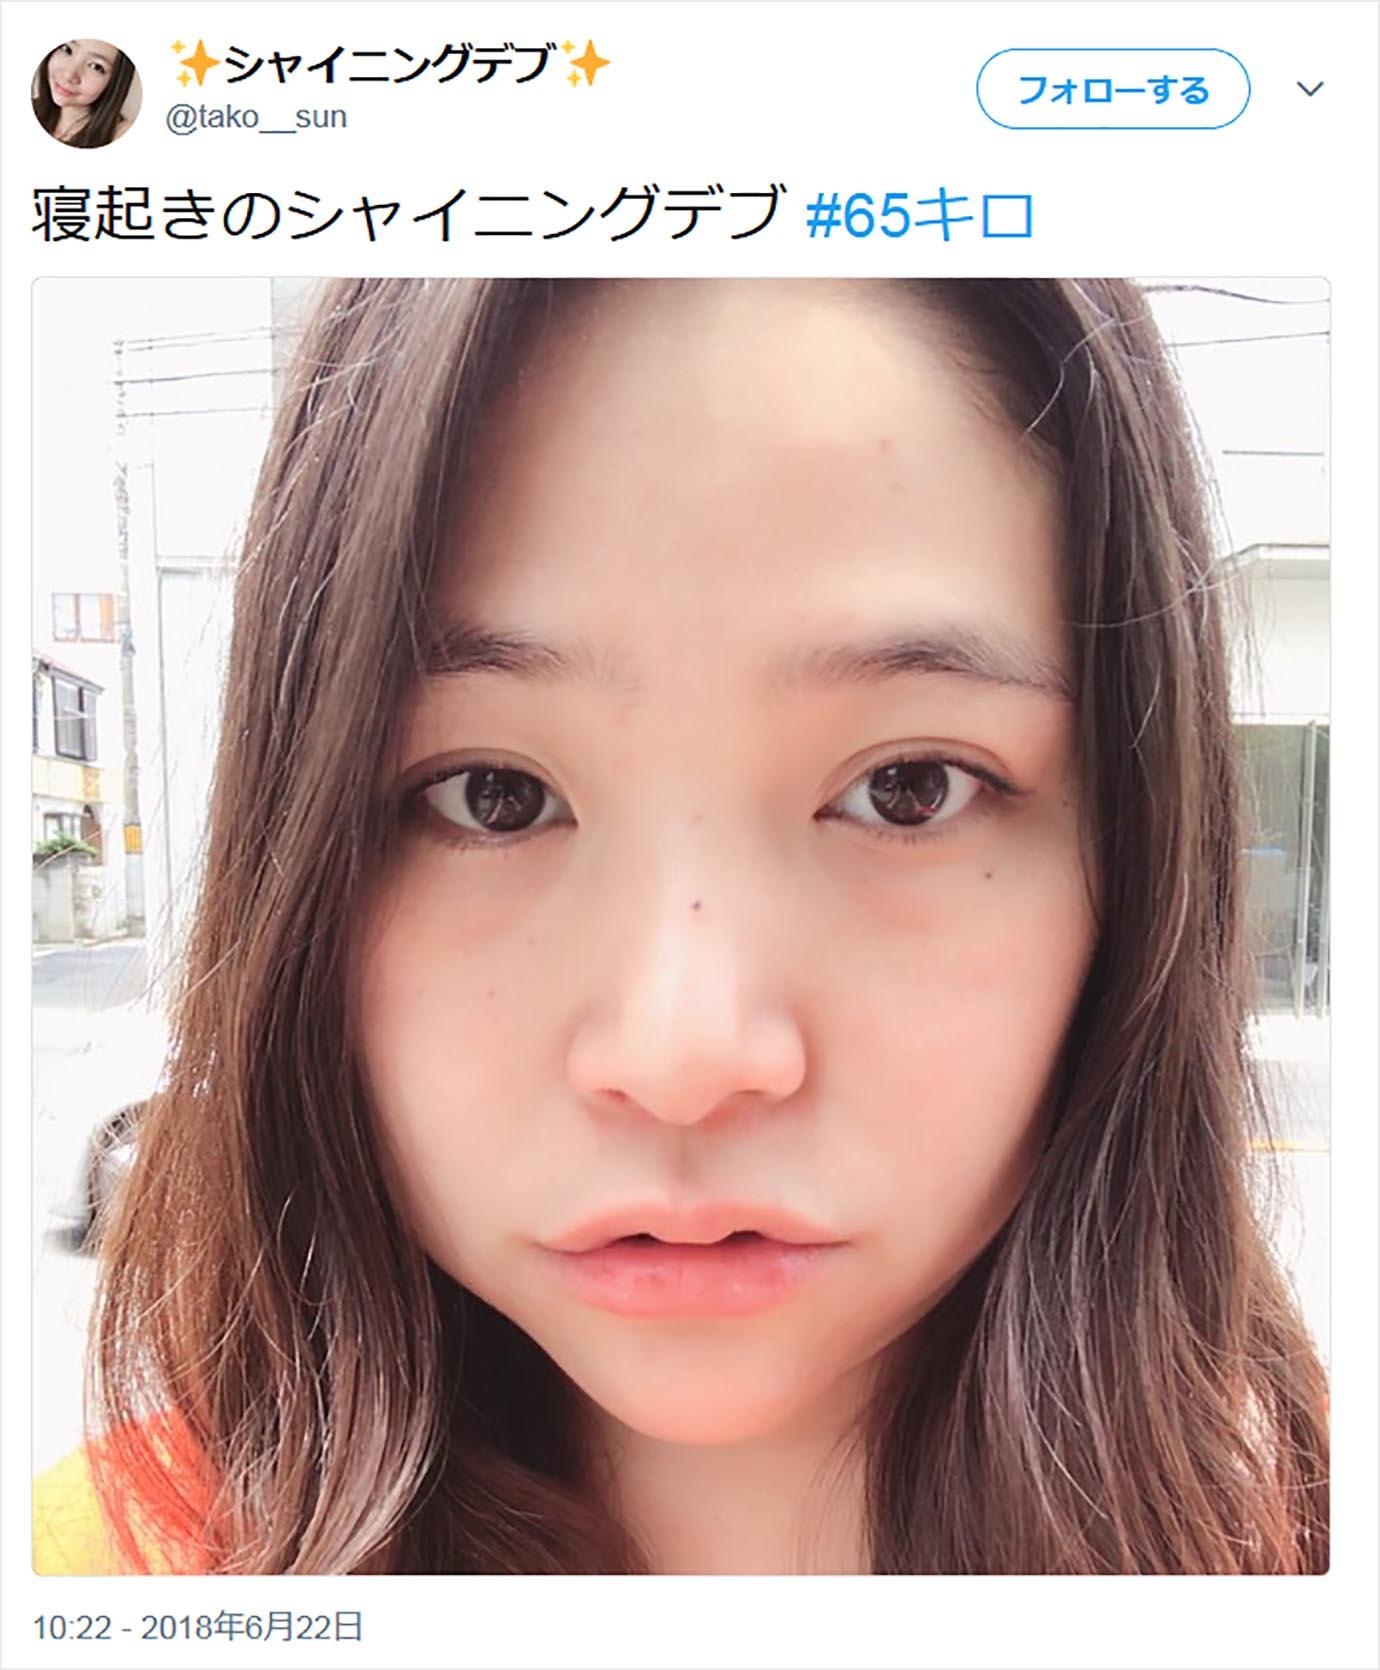 shining-debu-ramen-jiro88